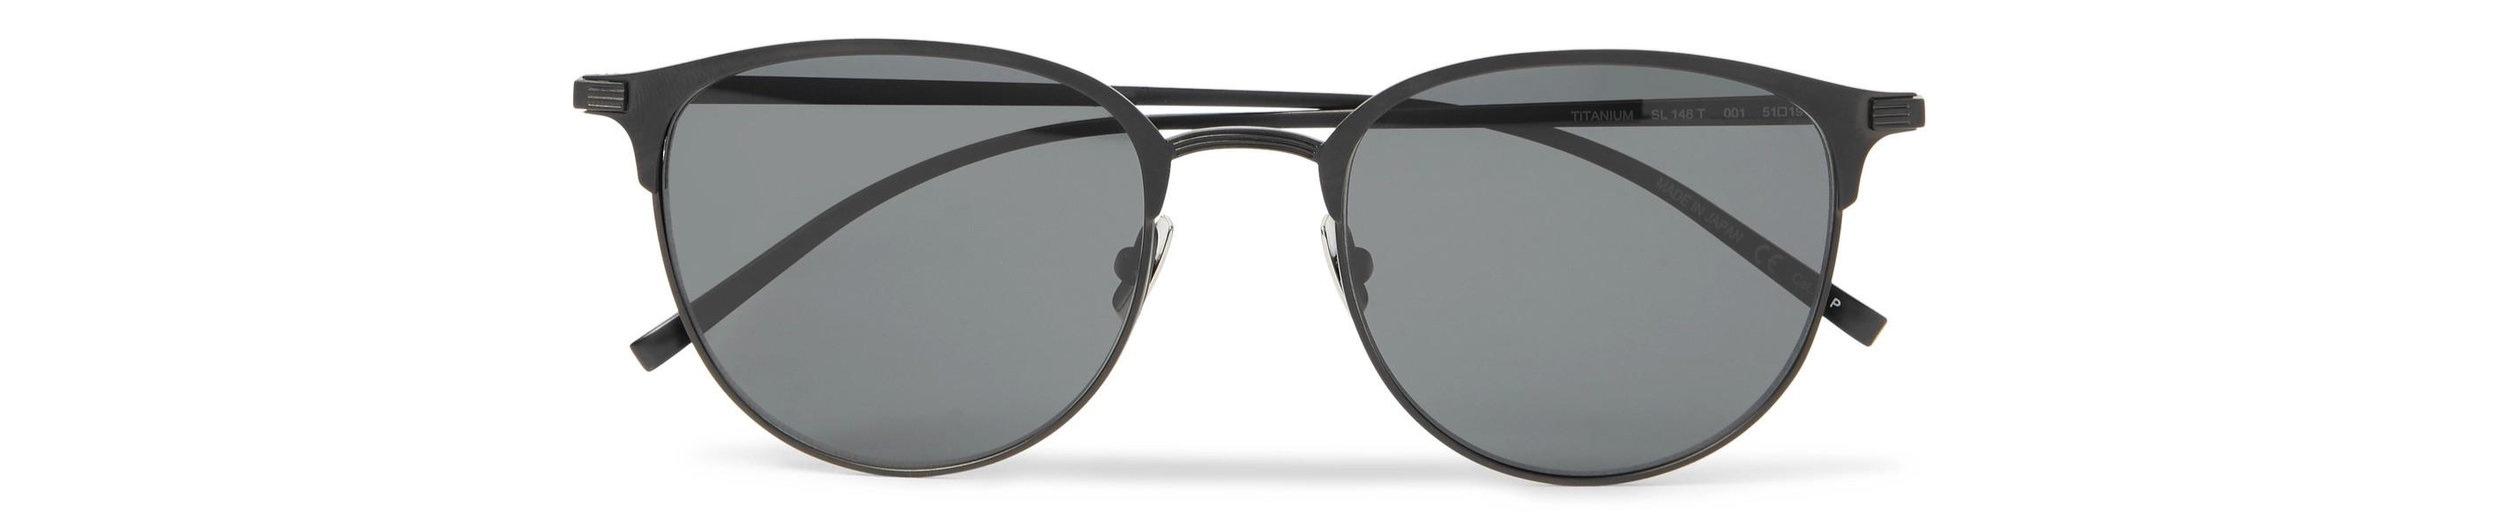 Saint+Laurent+-+Matte+Titanium+Sunglasses.jpg